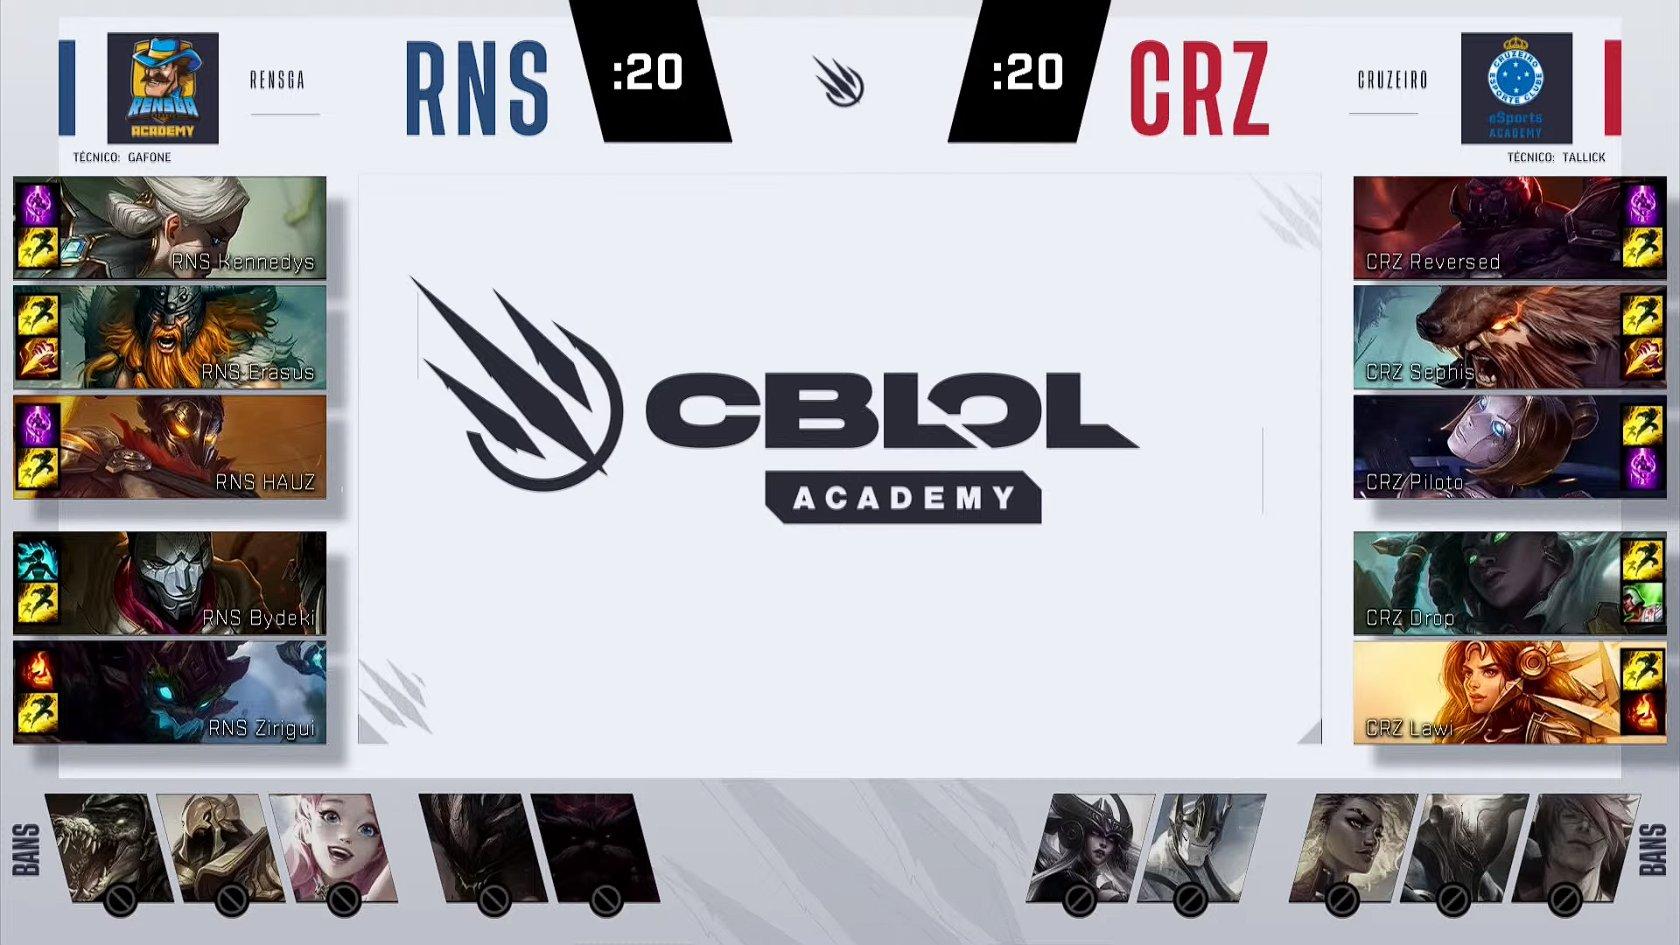 CBLOL Academy – RENSGA e LOUD mantêm resultados positivos!